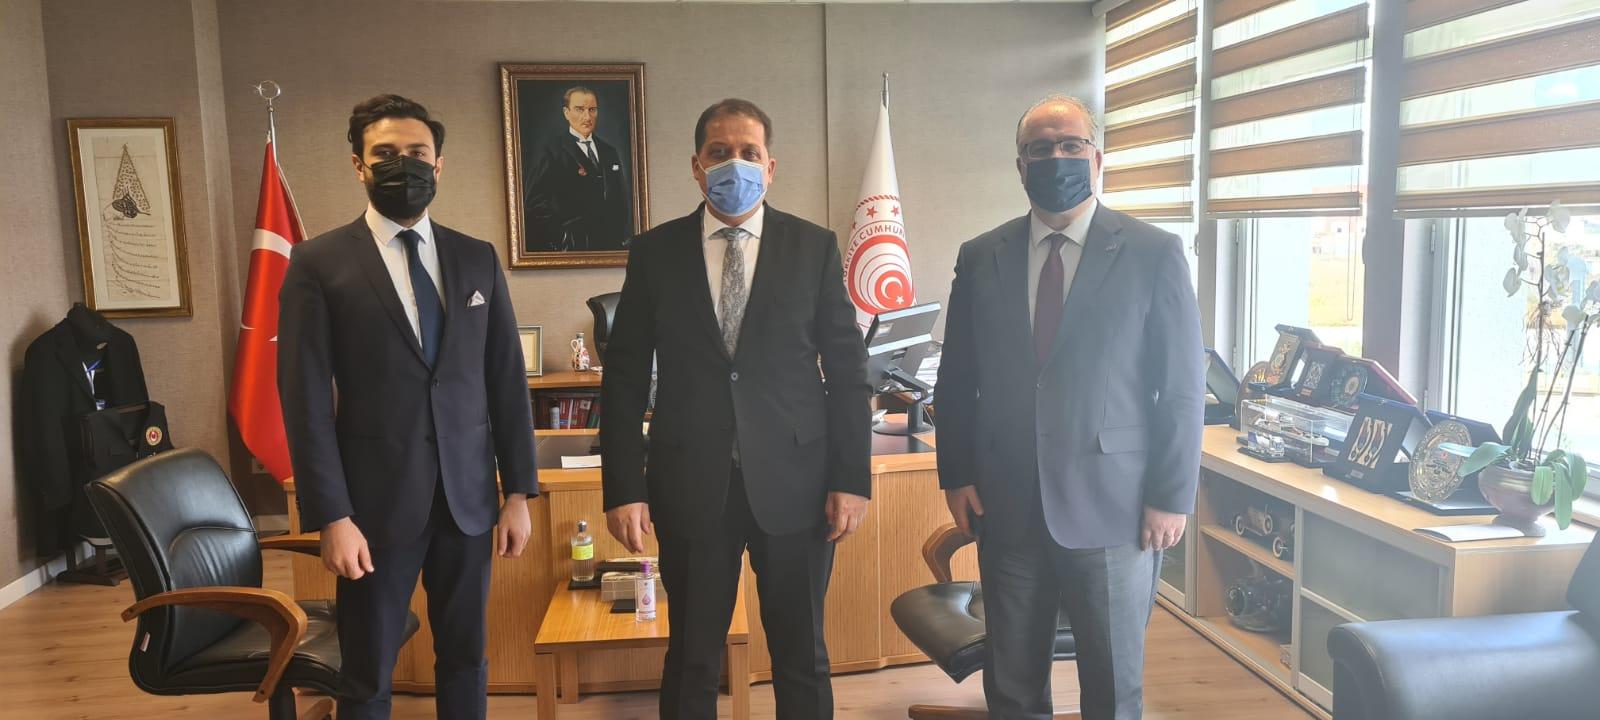 UND, İstanbul Gümrük ve Dış Ticaret Bölge Müdürü Sayın Yalçın Özden ile Sınır Kapılarında ve Gümrüklerdeki Gelişmeleri Değerlendirdi